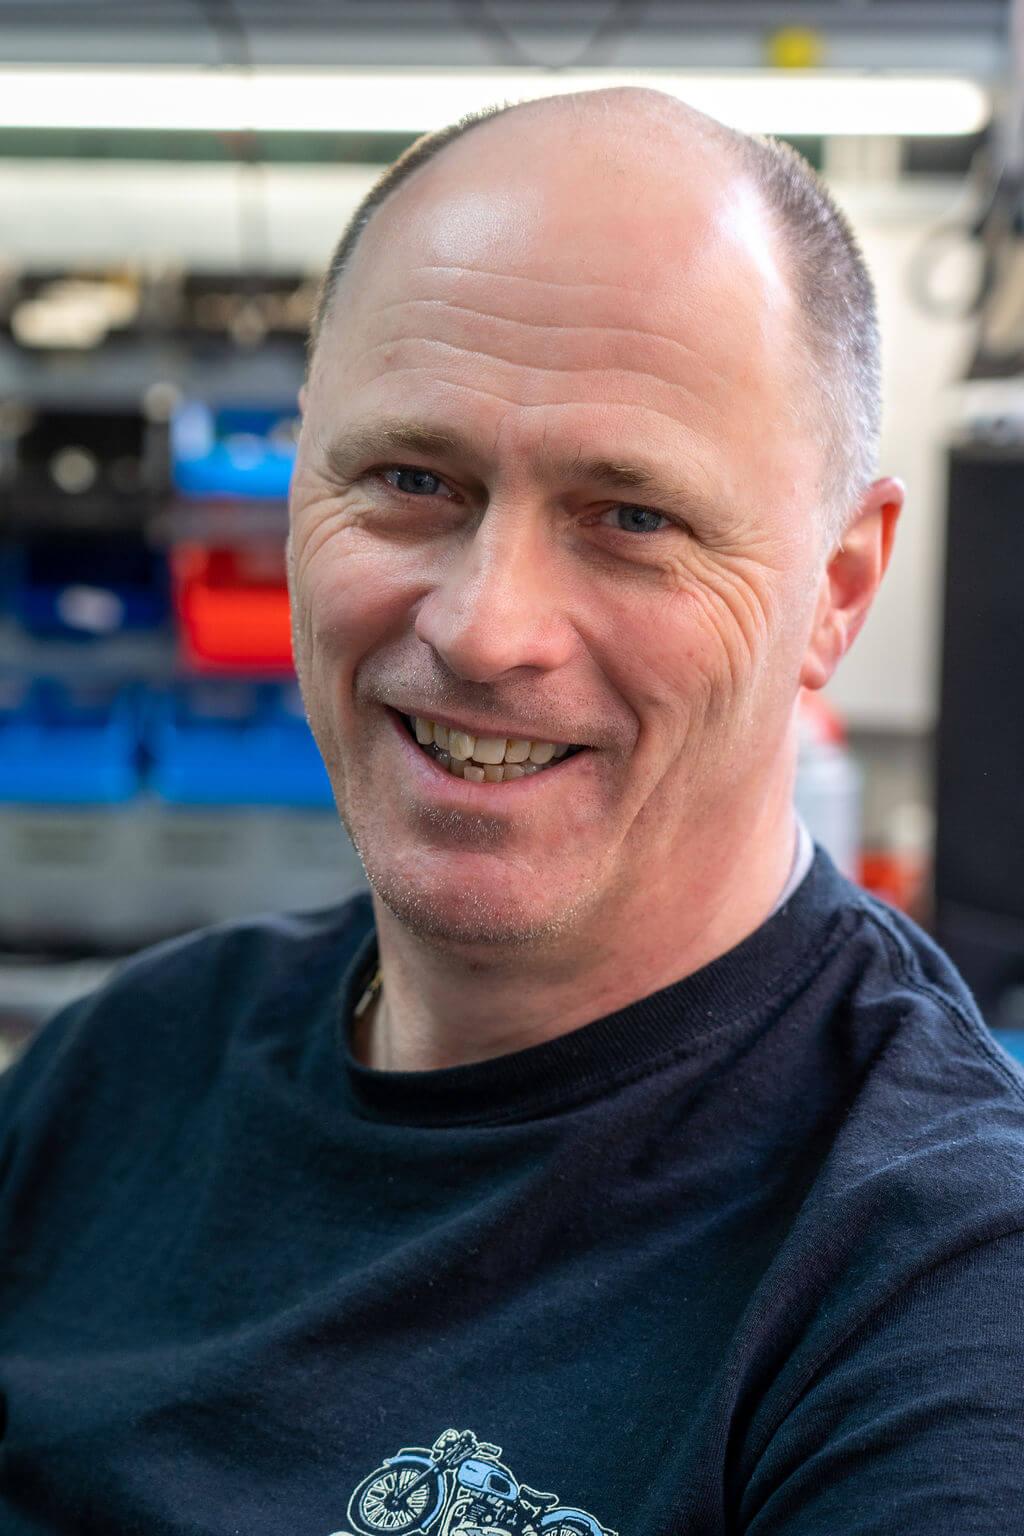 Jon Beedle - AudioTech